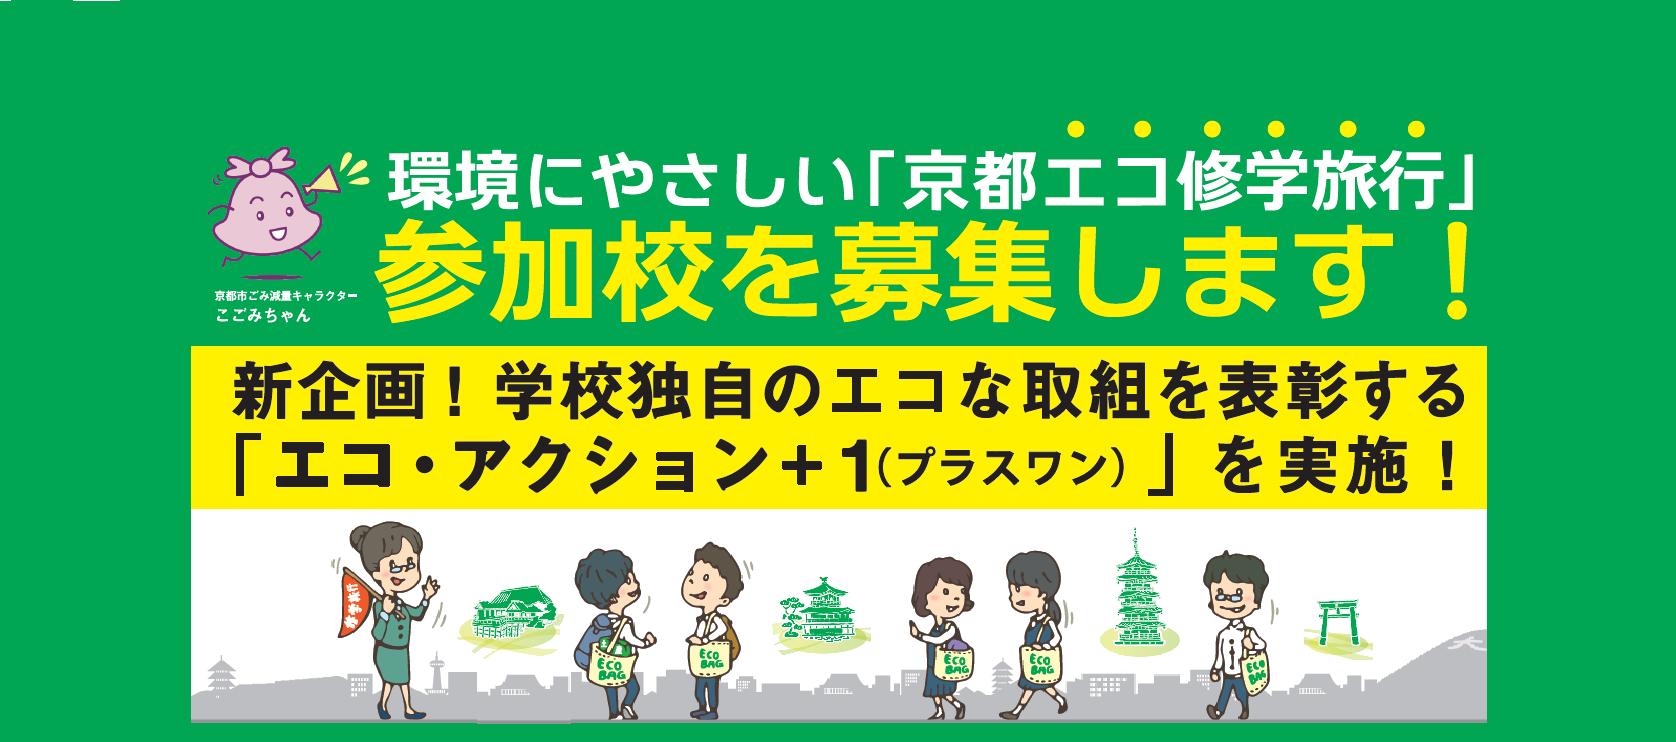 環境にやさしい「京都エコ修学旅行」参加校を募集します